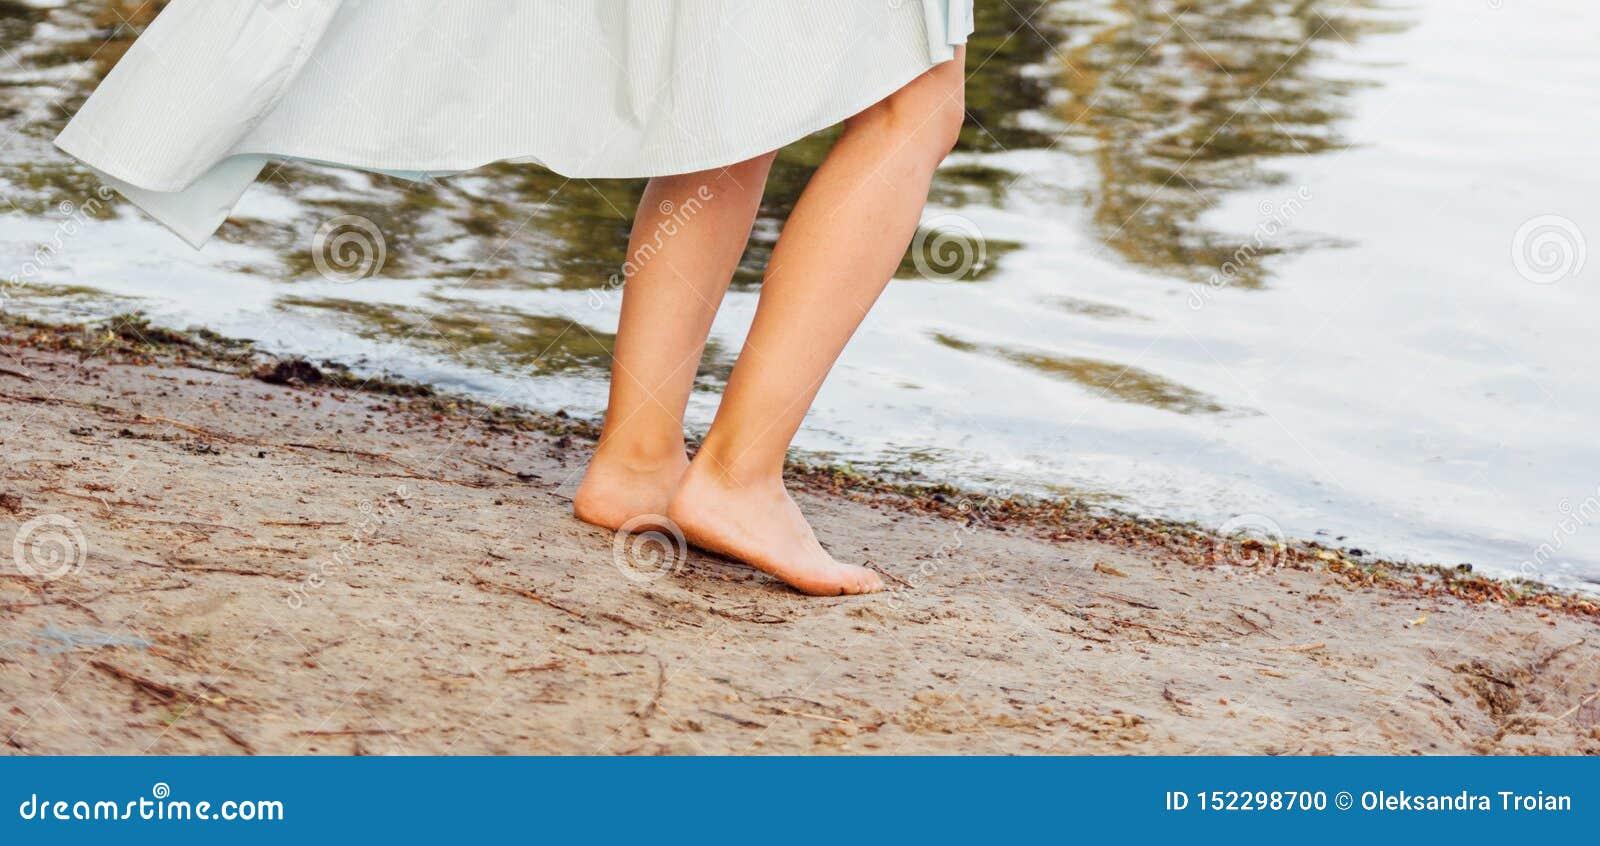 Όμορφα πόδια γυναικών στην παραλία Έννοια της αφαίρεσης τρίχας r r